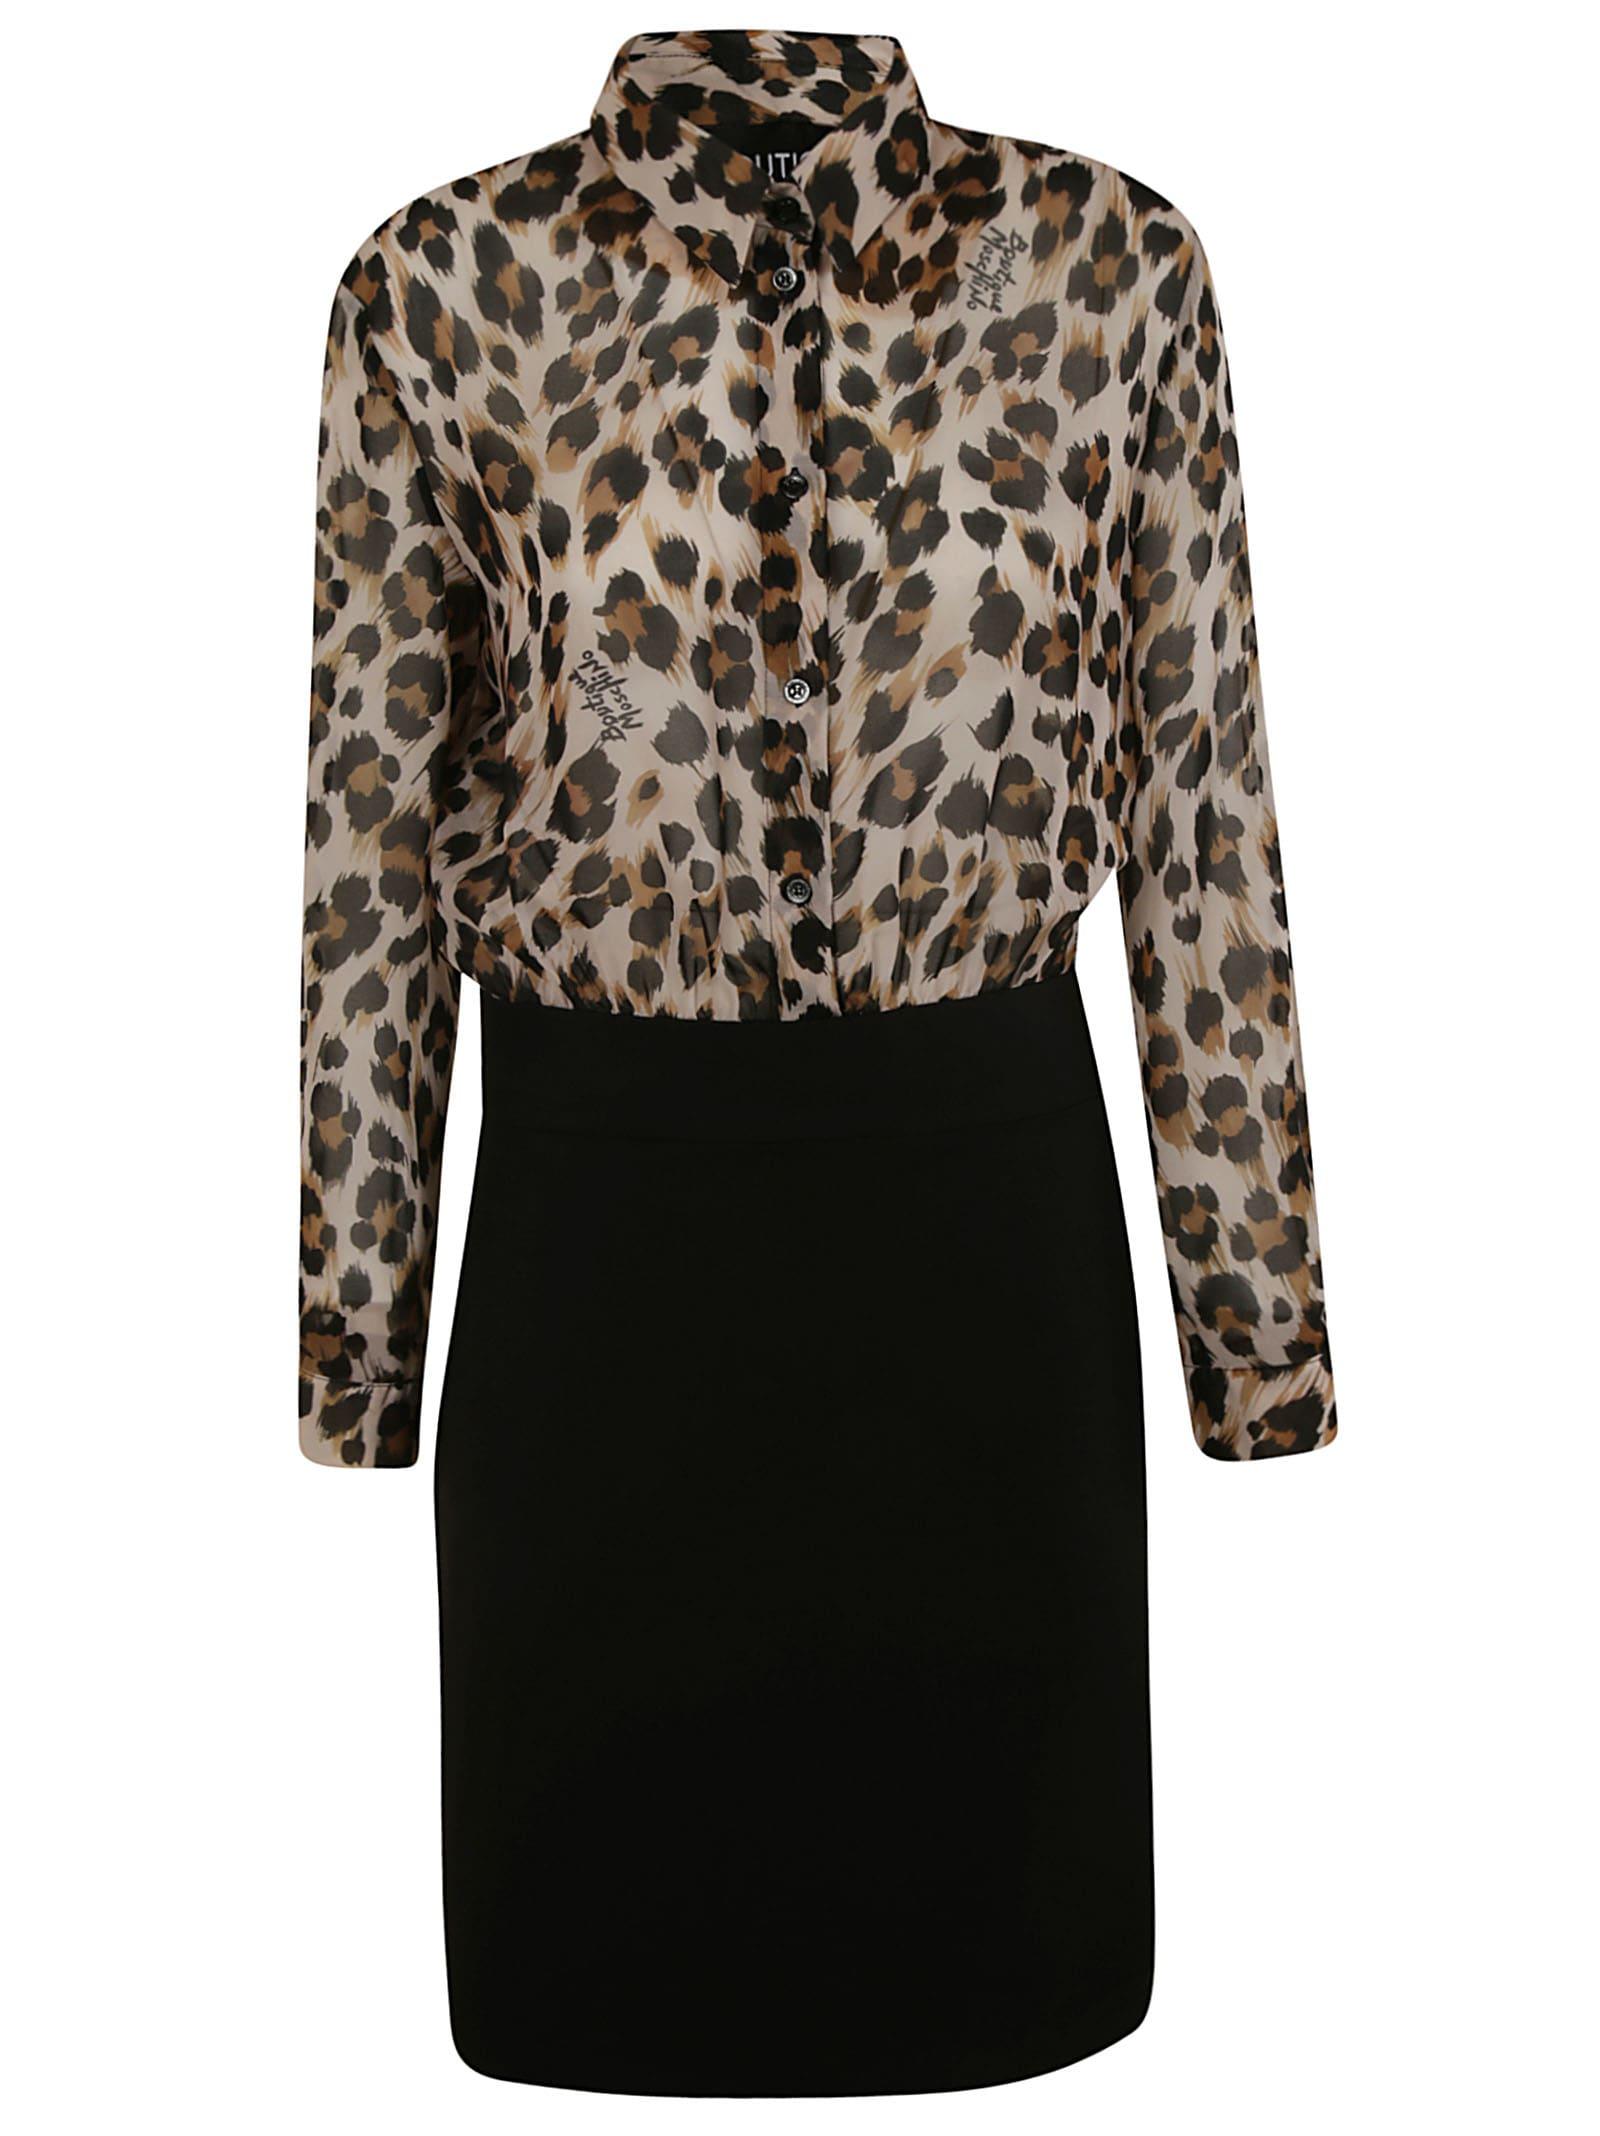 Moschino Leopard Print Shirt Dress